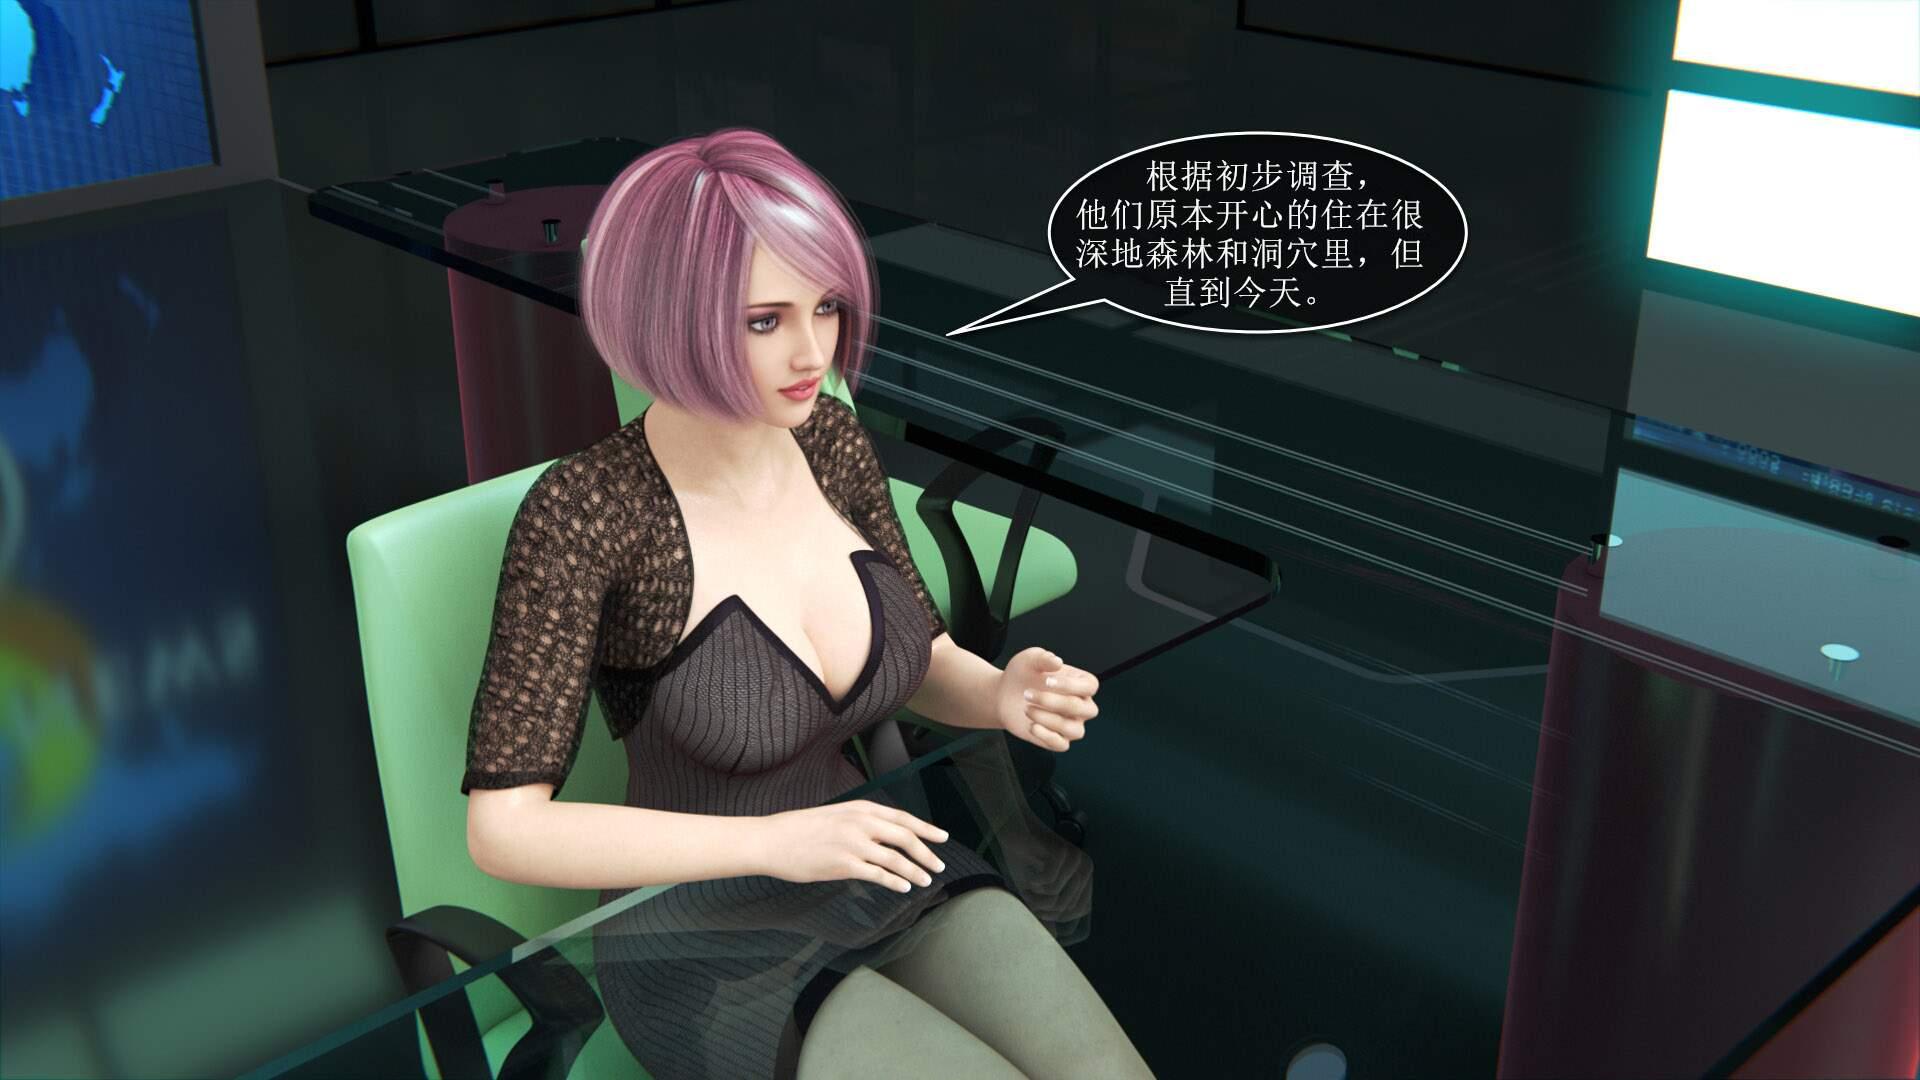 突如其来的侵犯:Sudden Invasion!中文版 漫画-第2张